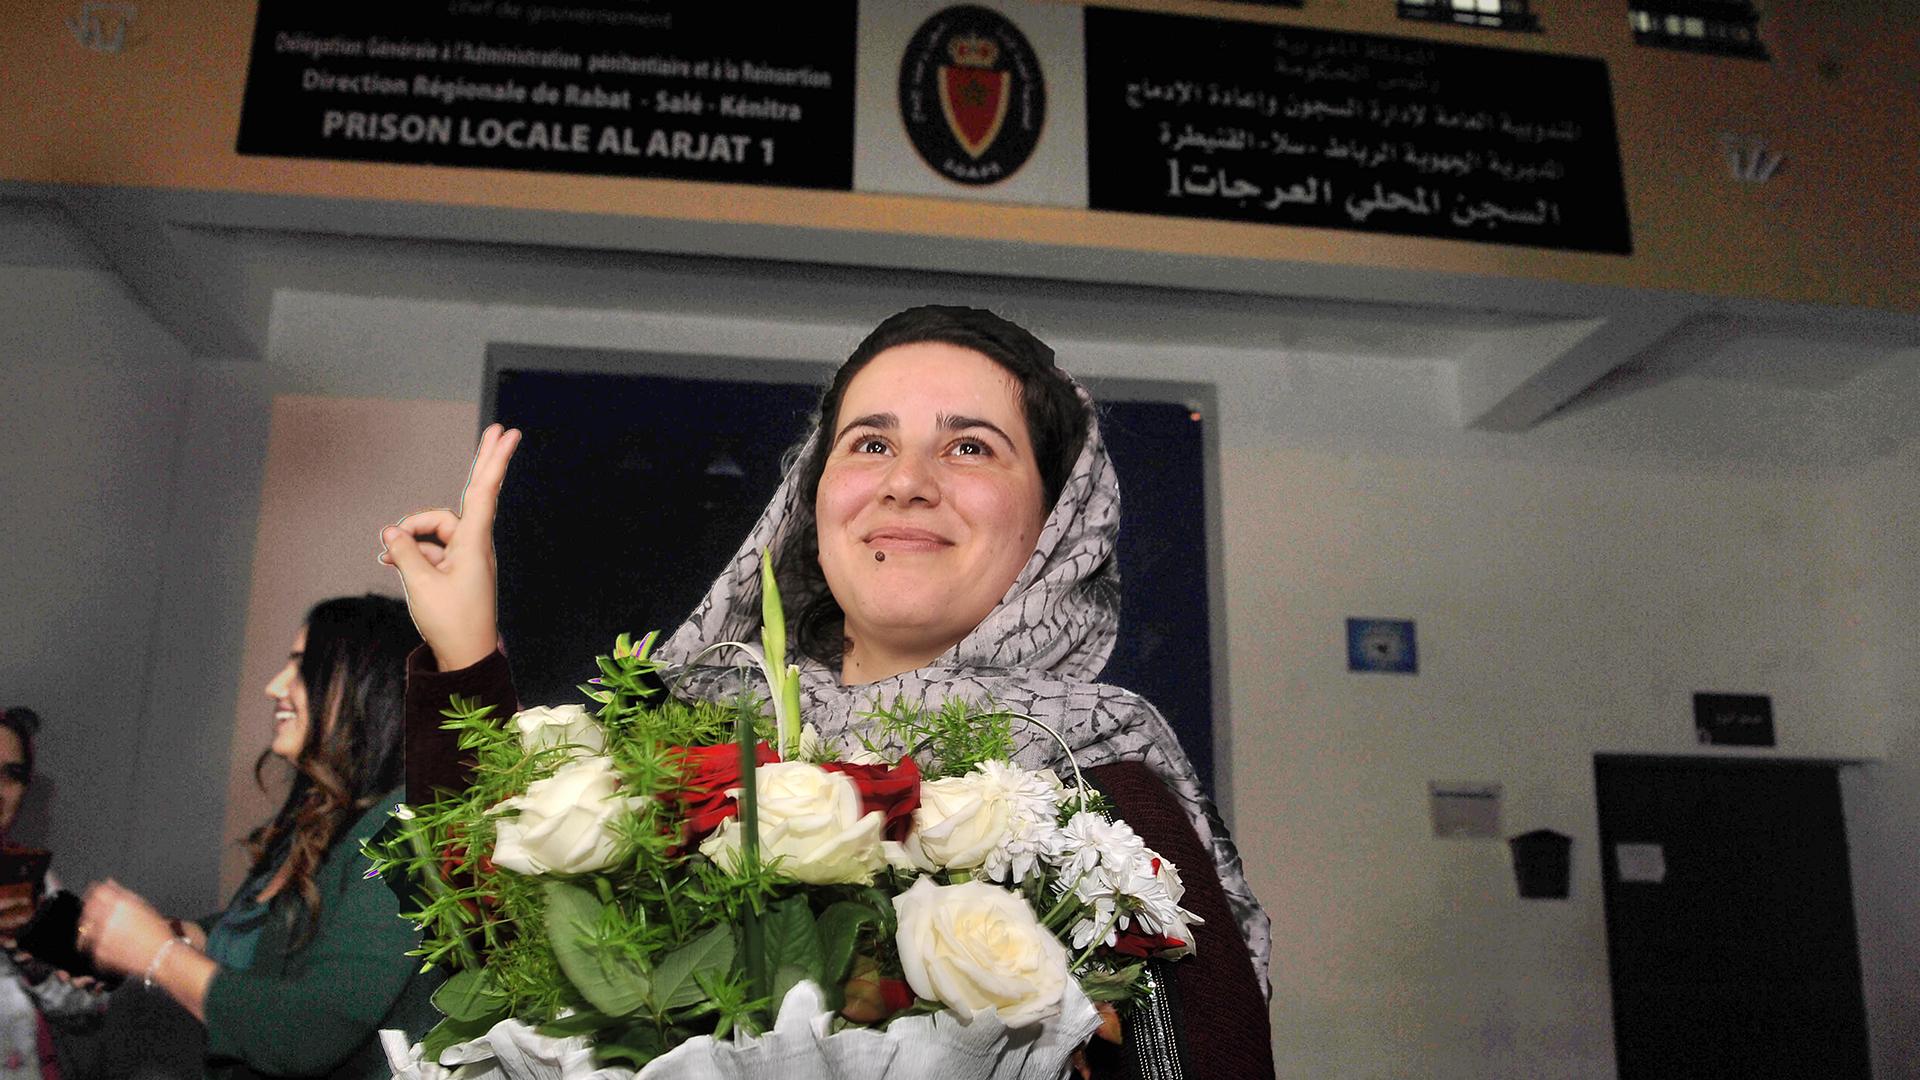 محمد الهيني محام بهيئة تطوان يعلق على العفو الملكي في قضية هاجر الريسوني